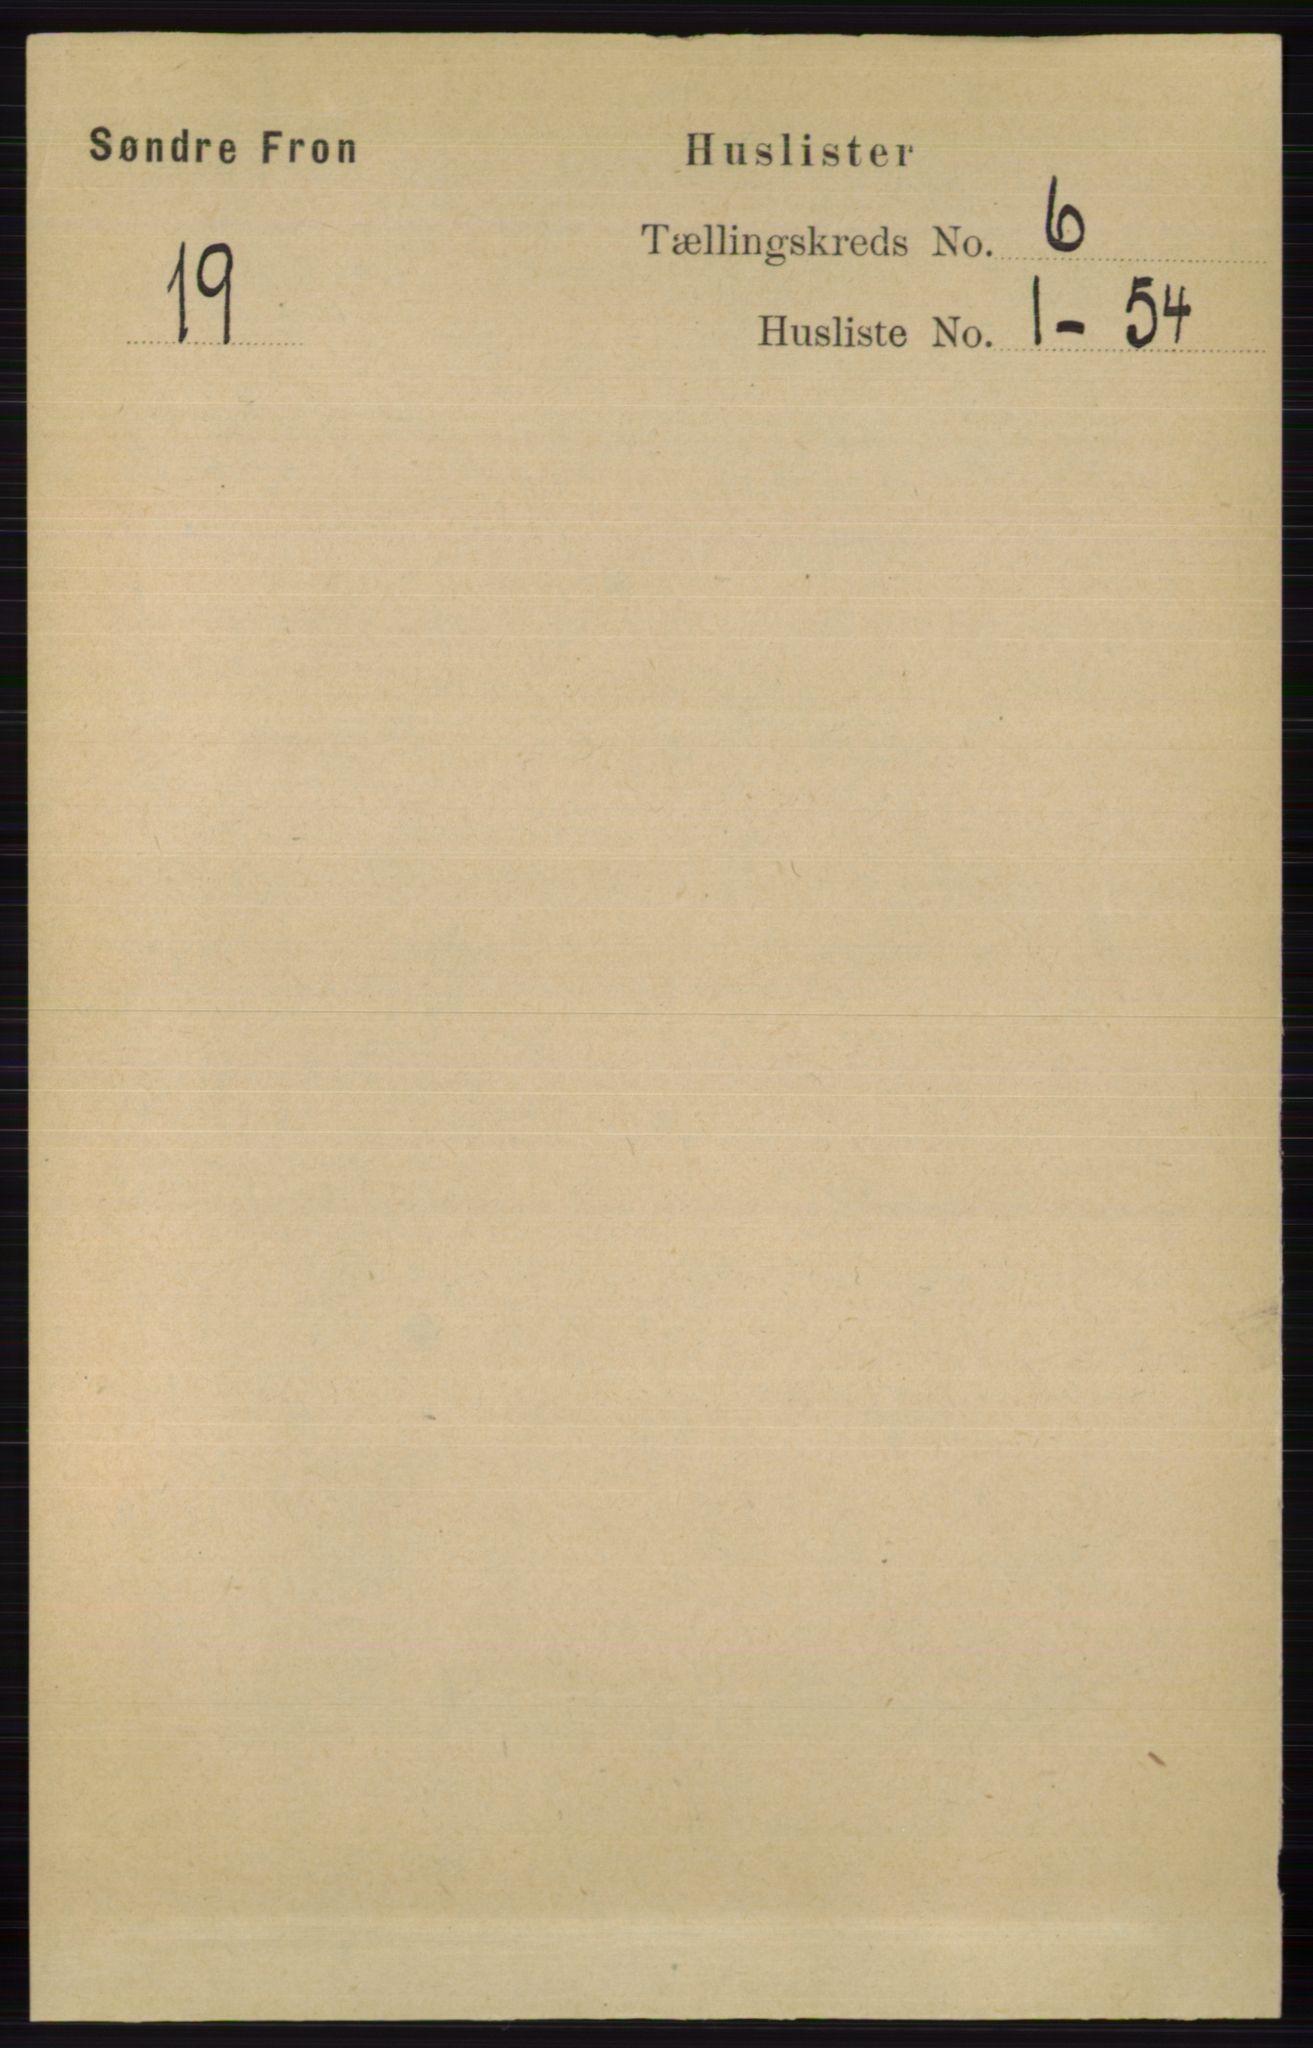 RA, Folketelling 1891 for 0519 Sør-Fron herred, 1891, s. 2520